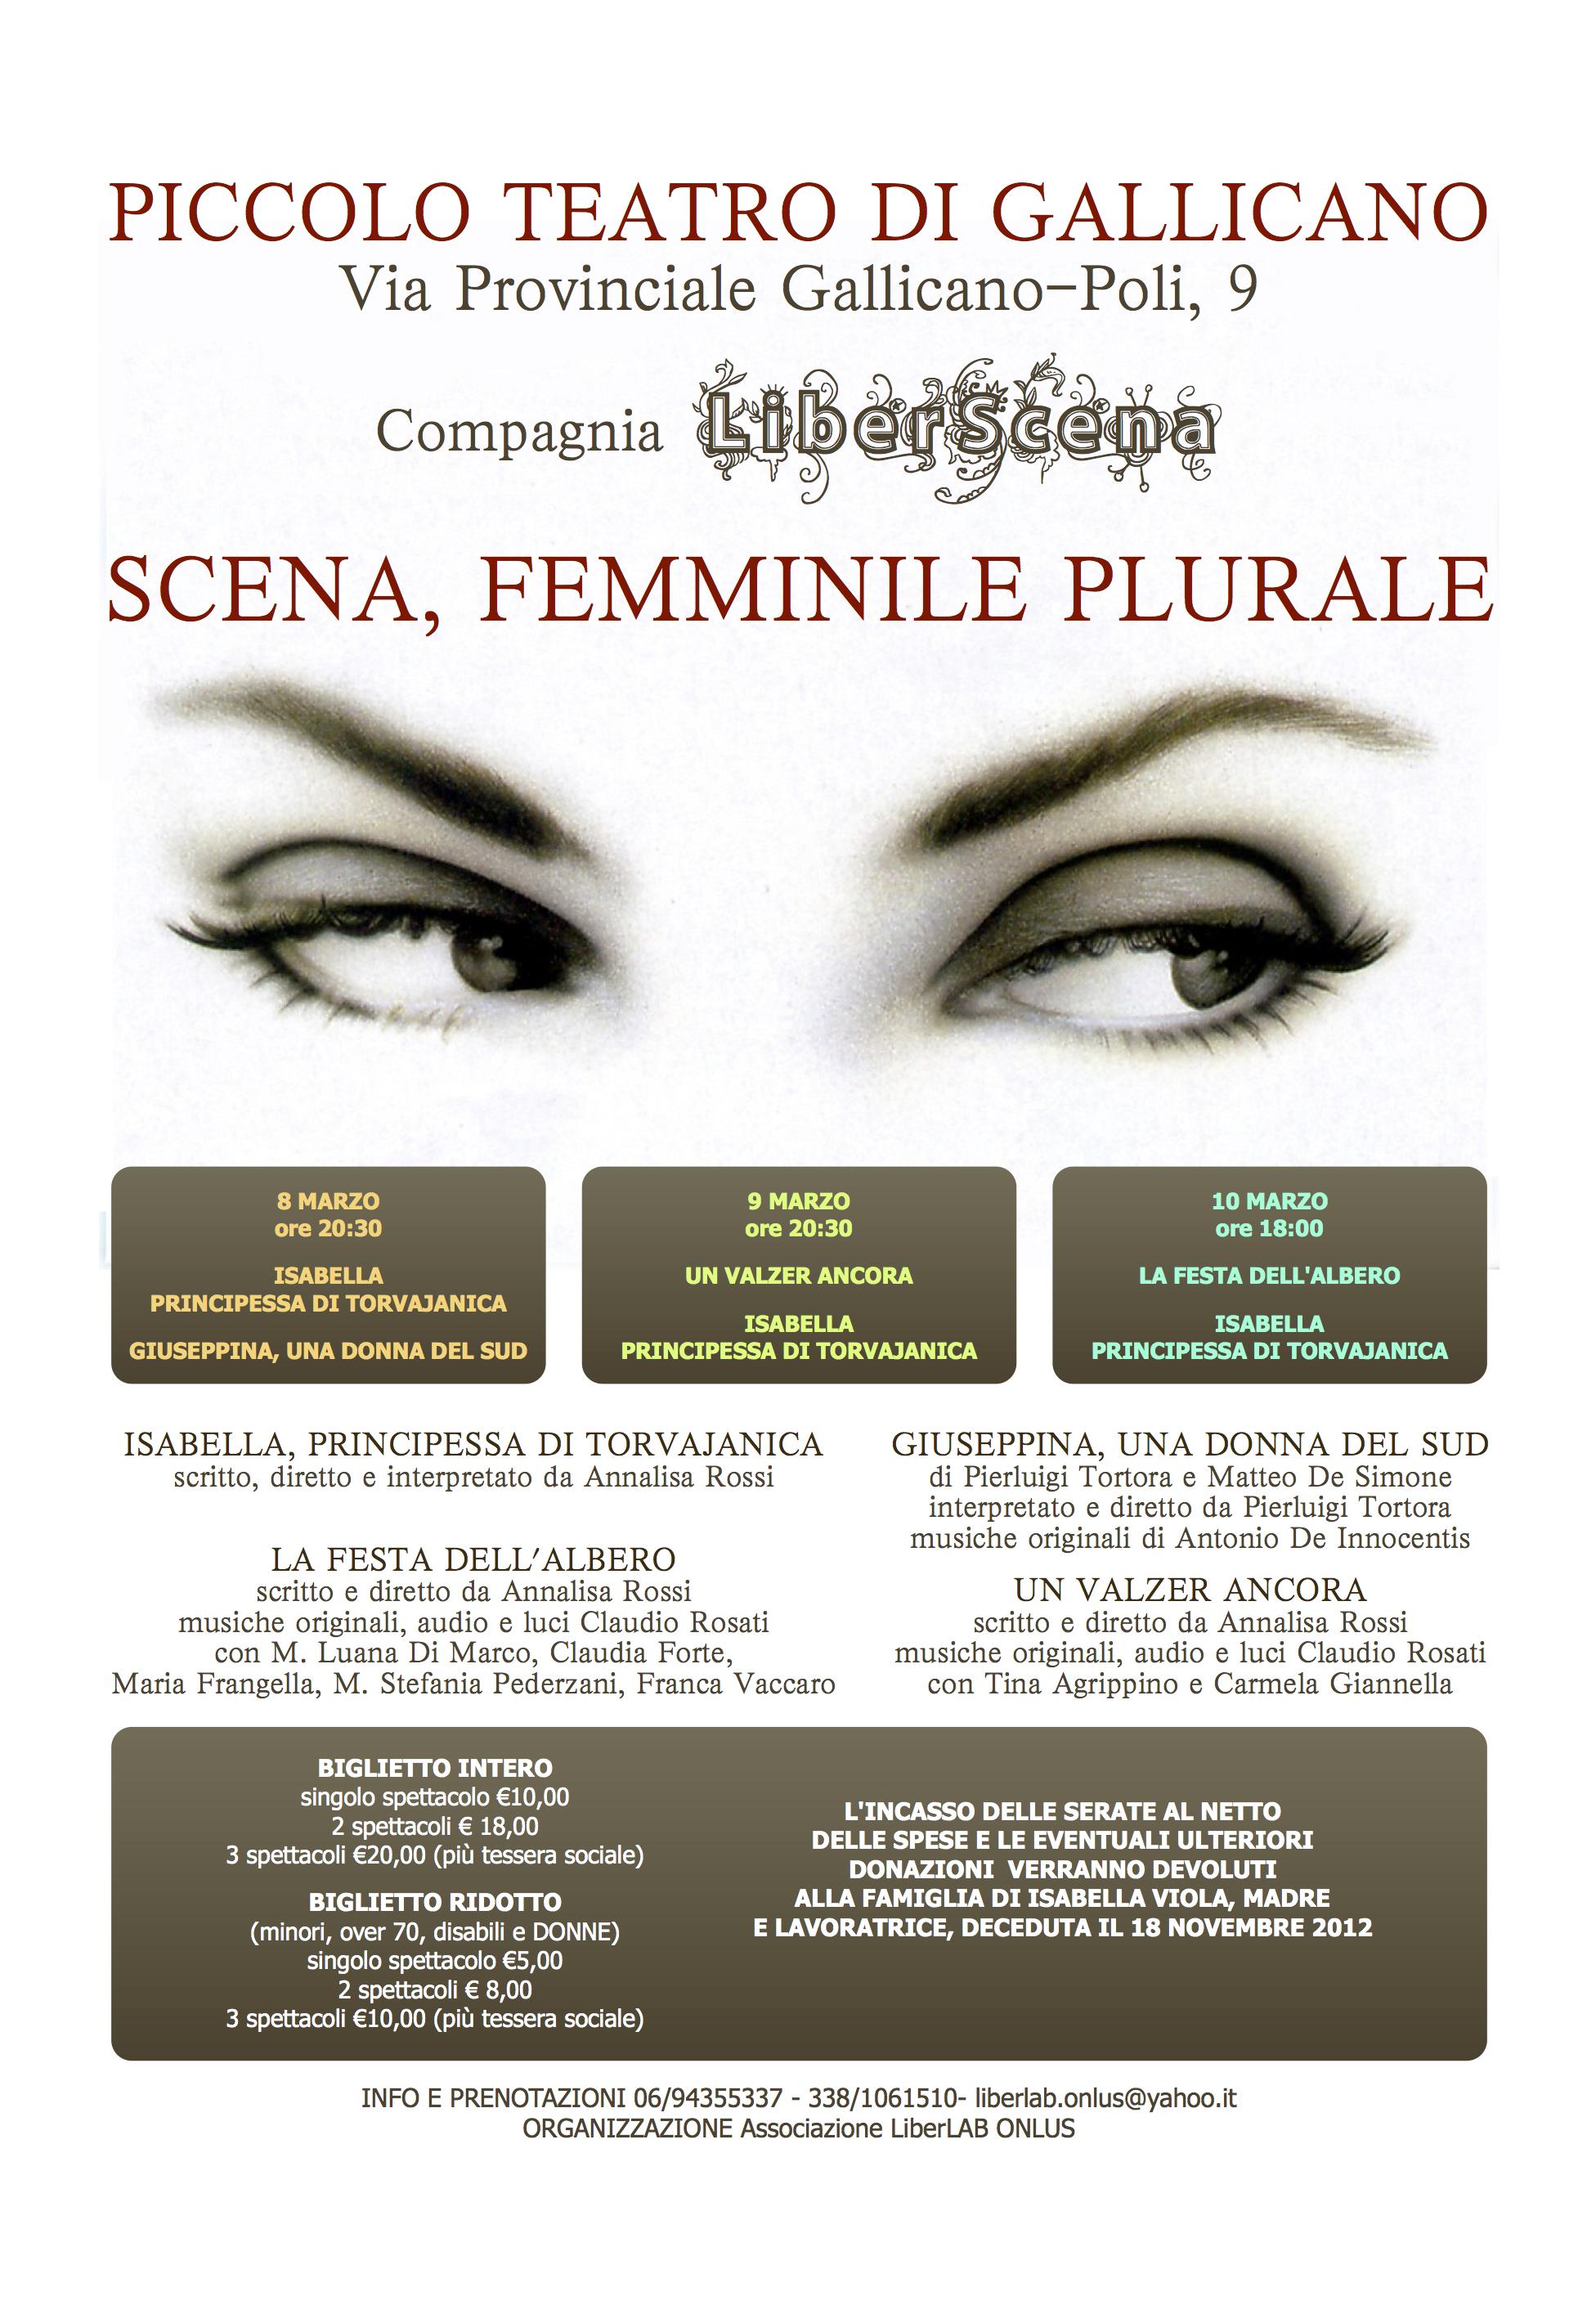 SCENA FEMMINILE PLURALE